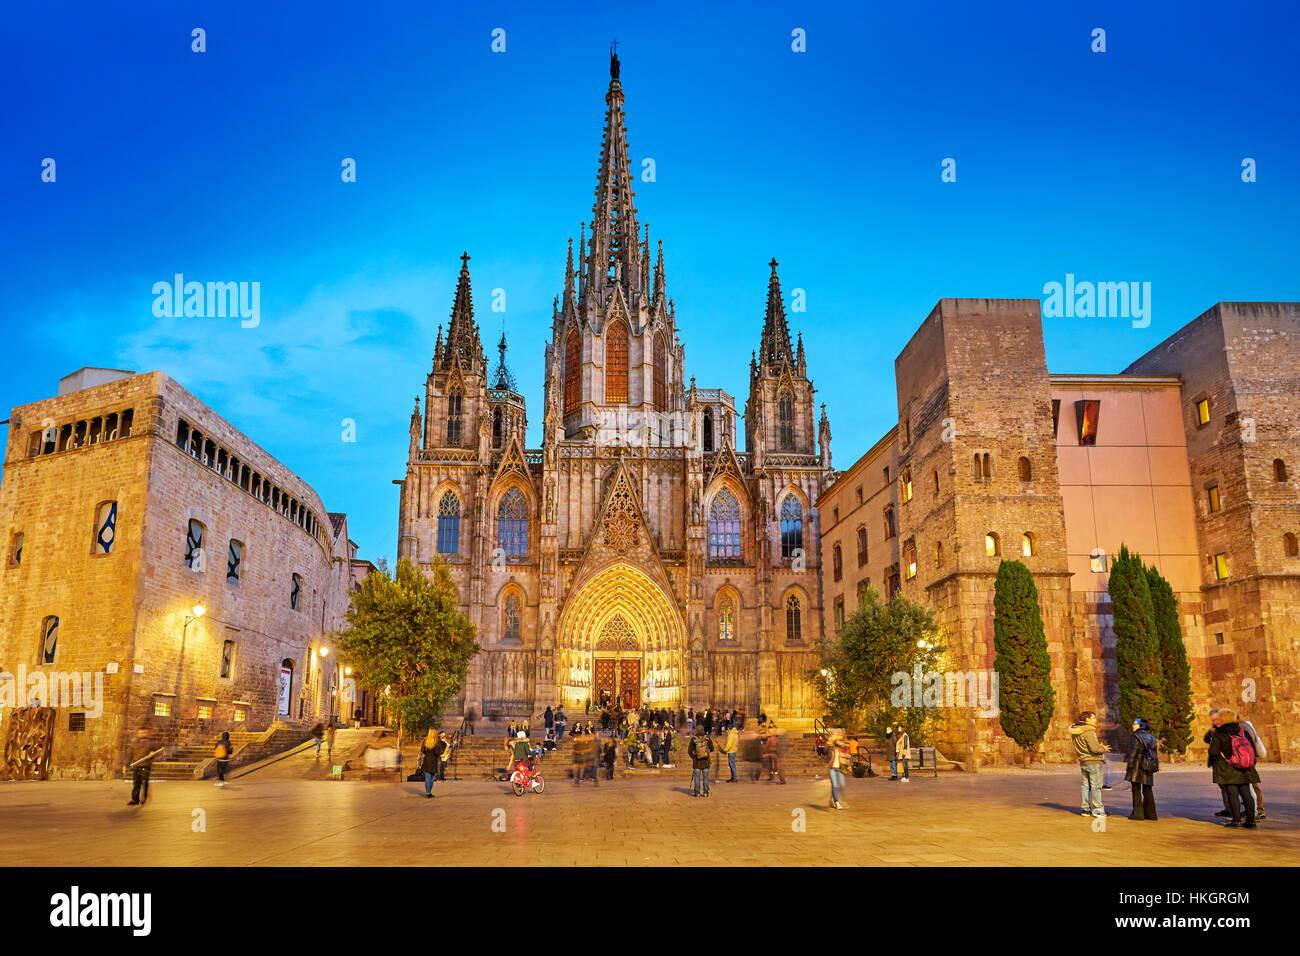 La Cathédrale de Barcelone à soir, Barri Ghotic trimestre, Catalogne, Espagne Photo Stock